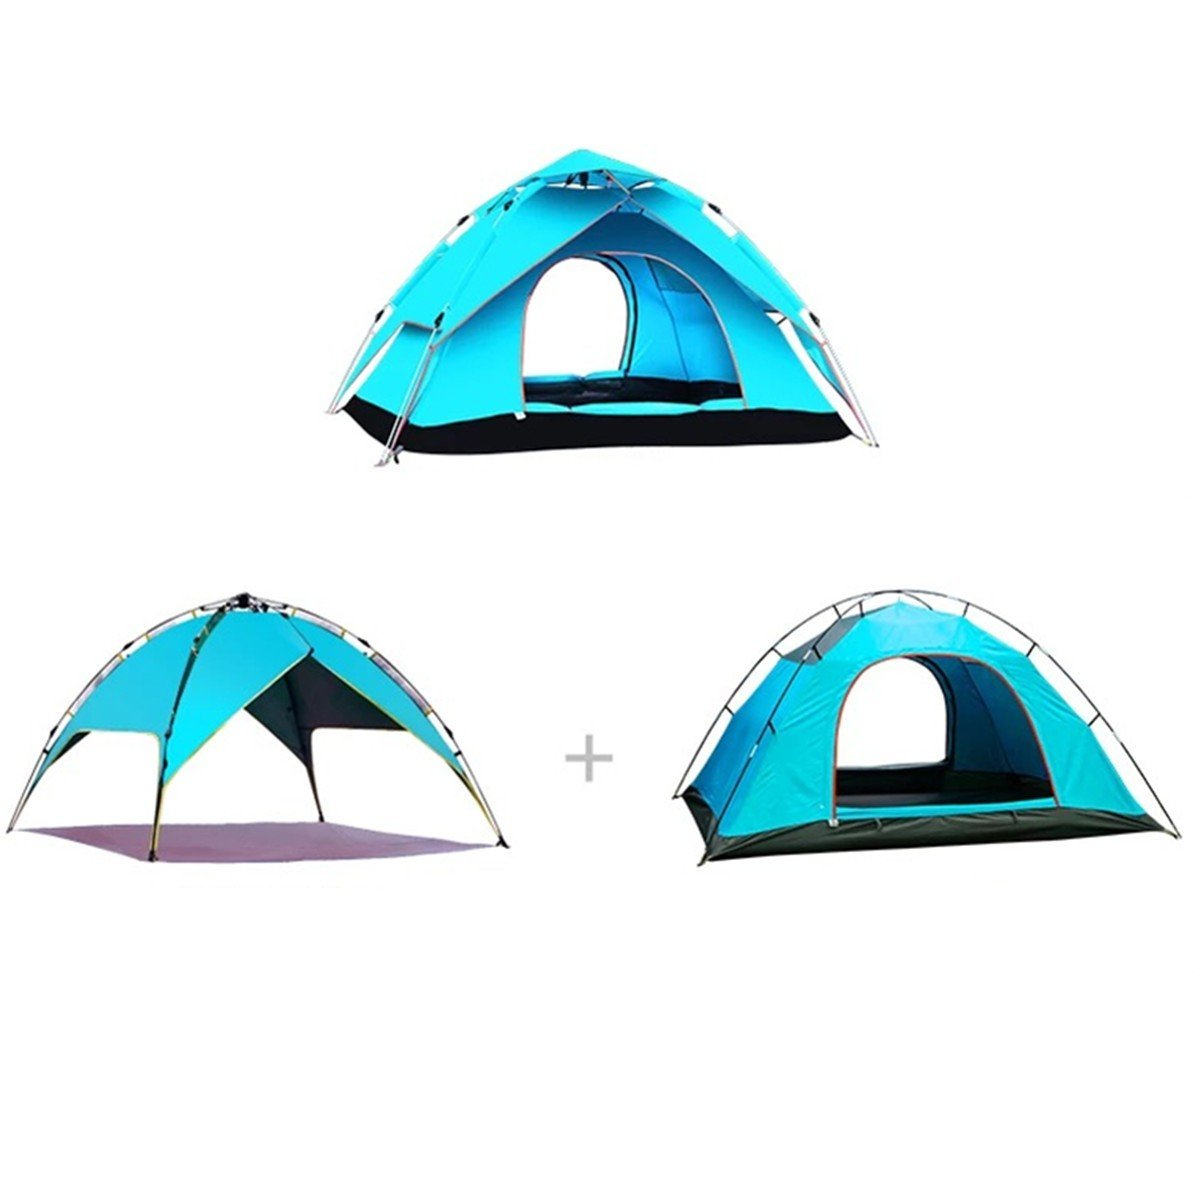 XTENT Outdoor-Automatik-Geschwindigkeit Öffnen Zelt Camping Regendicht Sun Double Double Camping